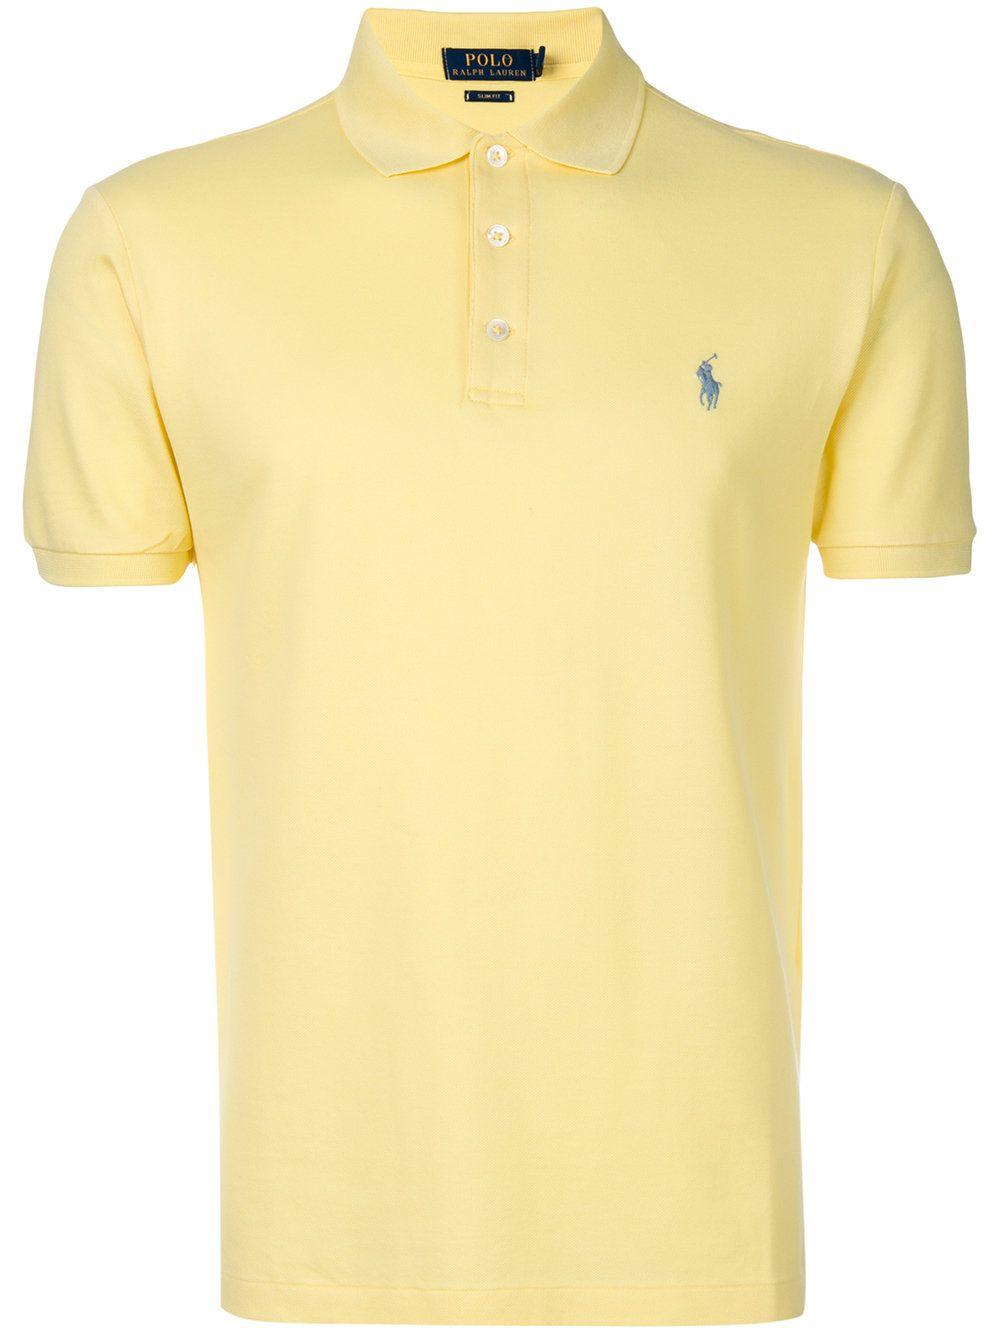 POLO RALPH LAUREN .  poloralphlauren  cloth     Polo Ralph Lauren ... bdd8fe9fdd